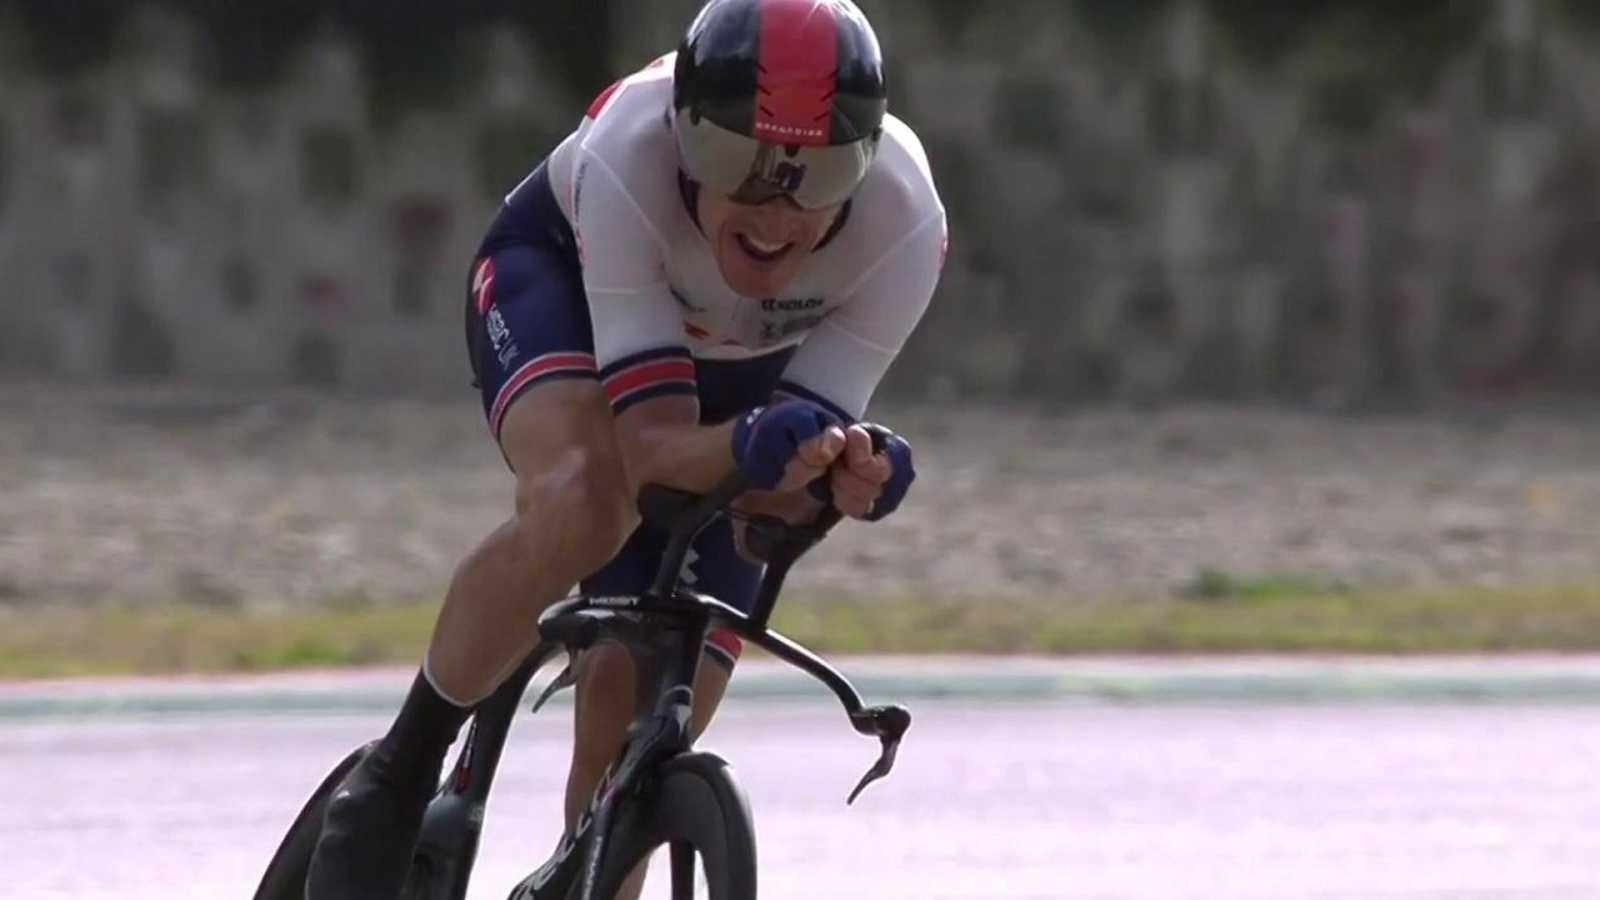 Ciclismo - Campeonato del Mundo en Ruta. Contrarreloj élite masculina - ver ahora